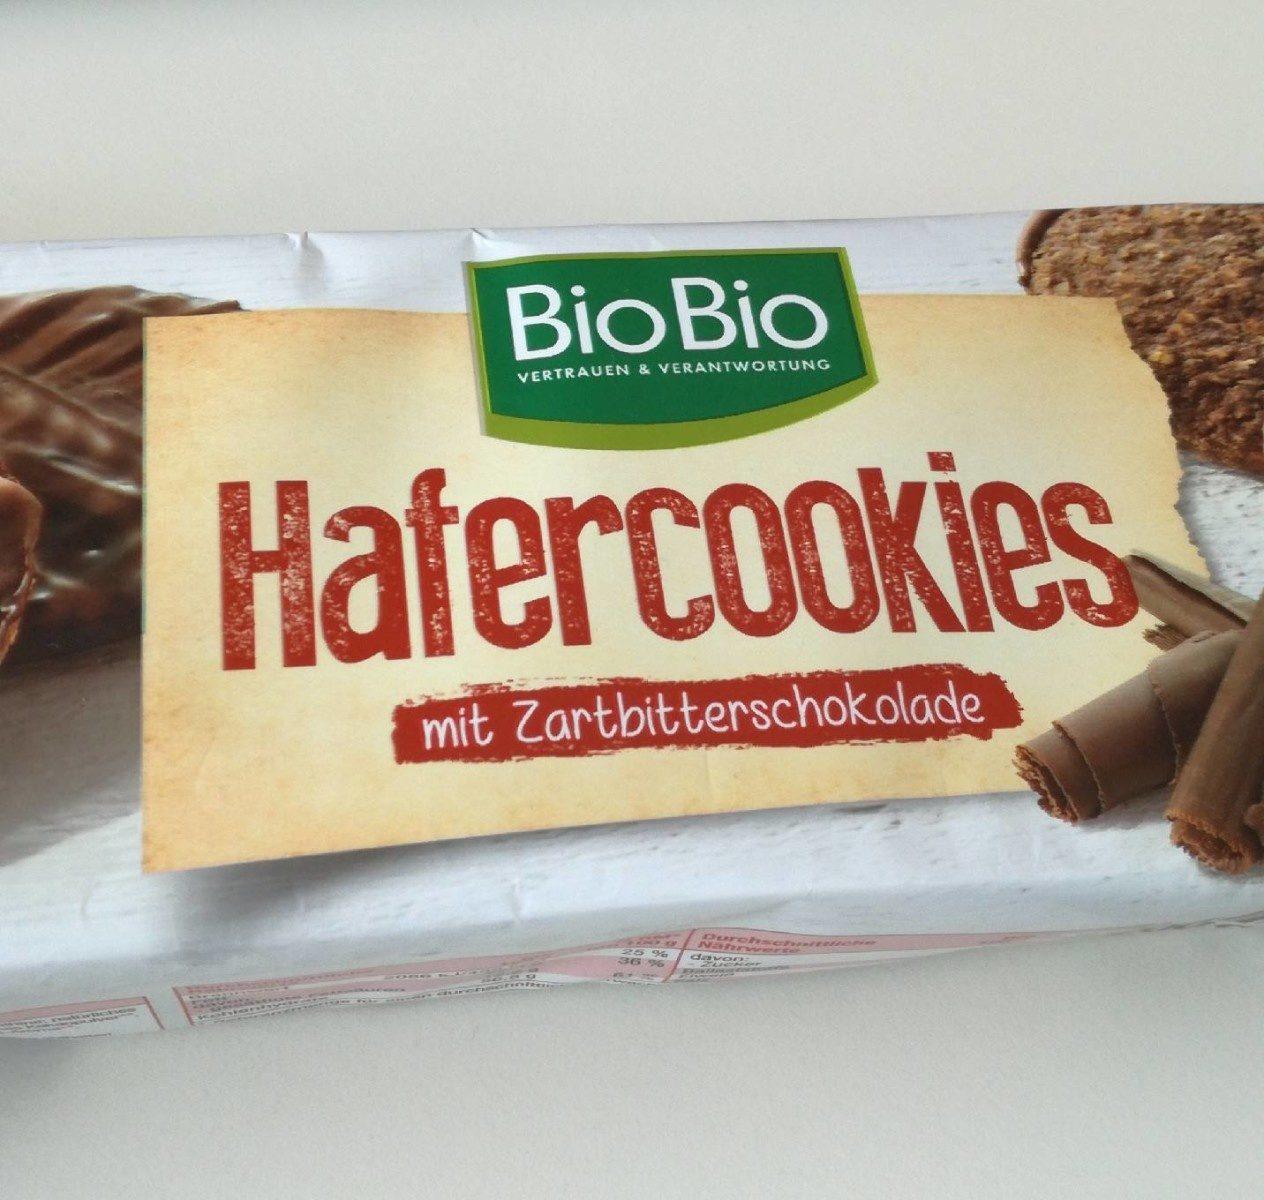 Hafercookies Zartbitterschokolade - Product - de